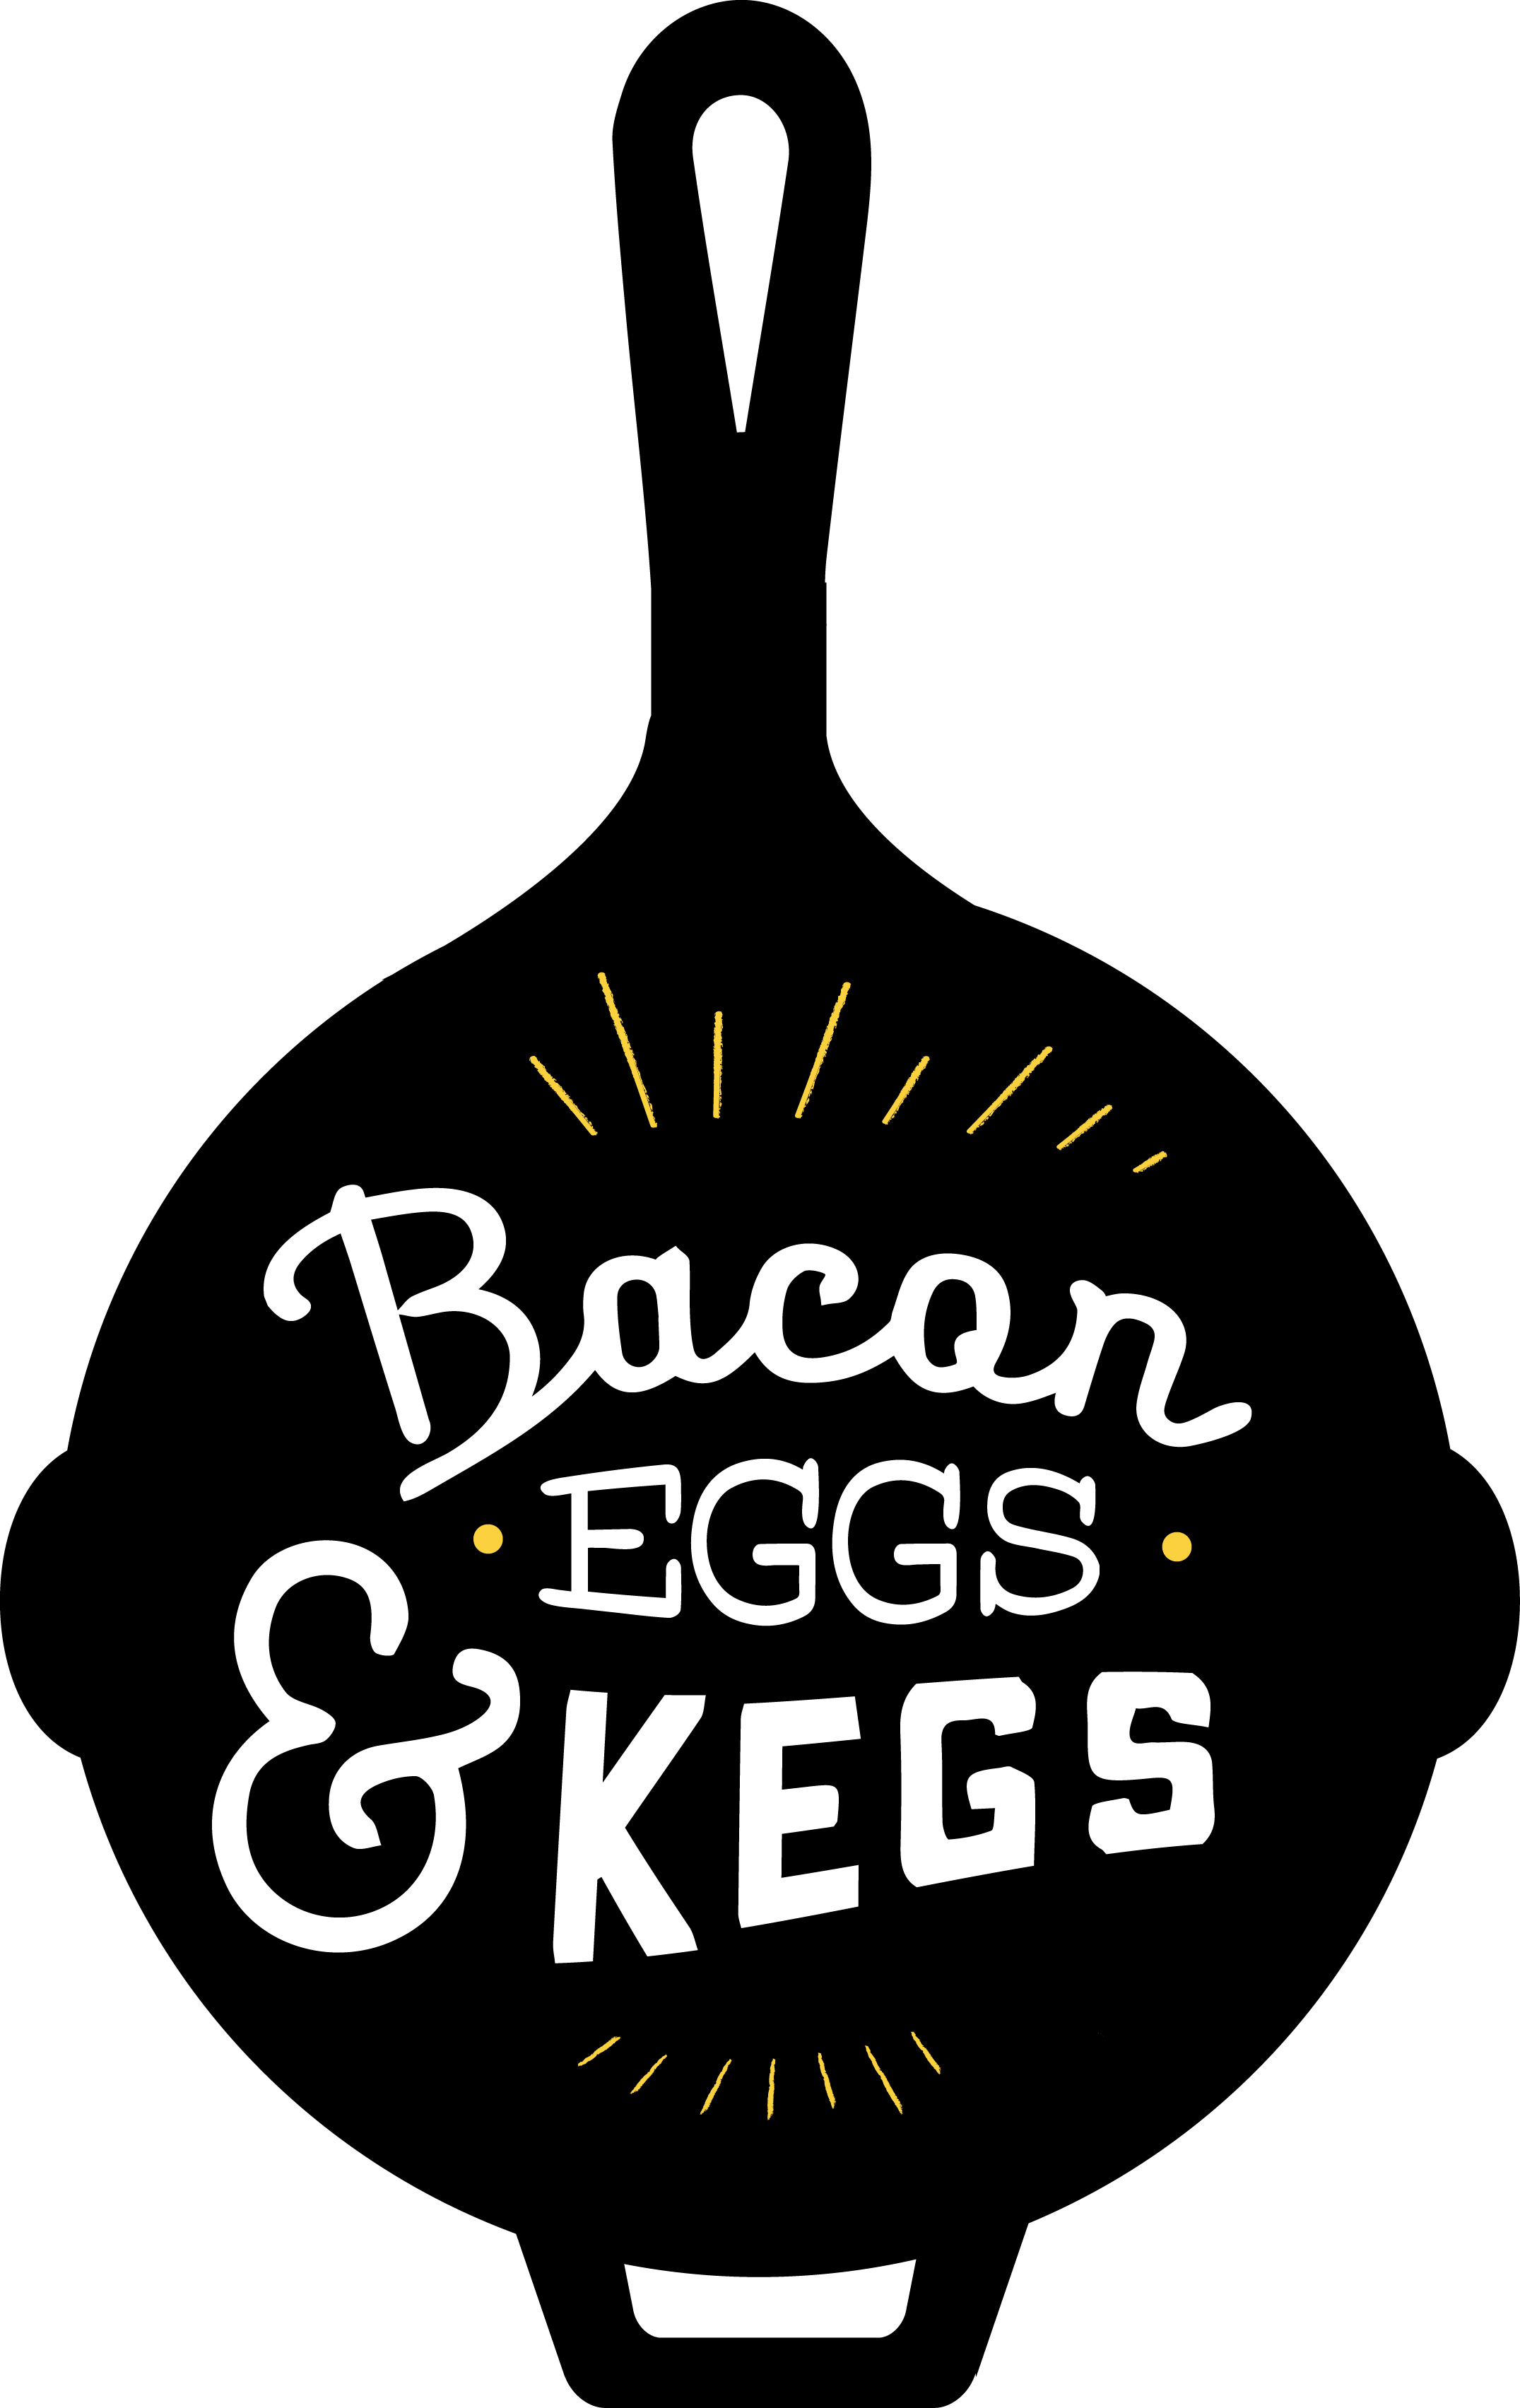 Bacon-Eggs-Kegs